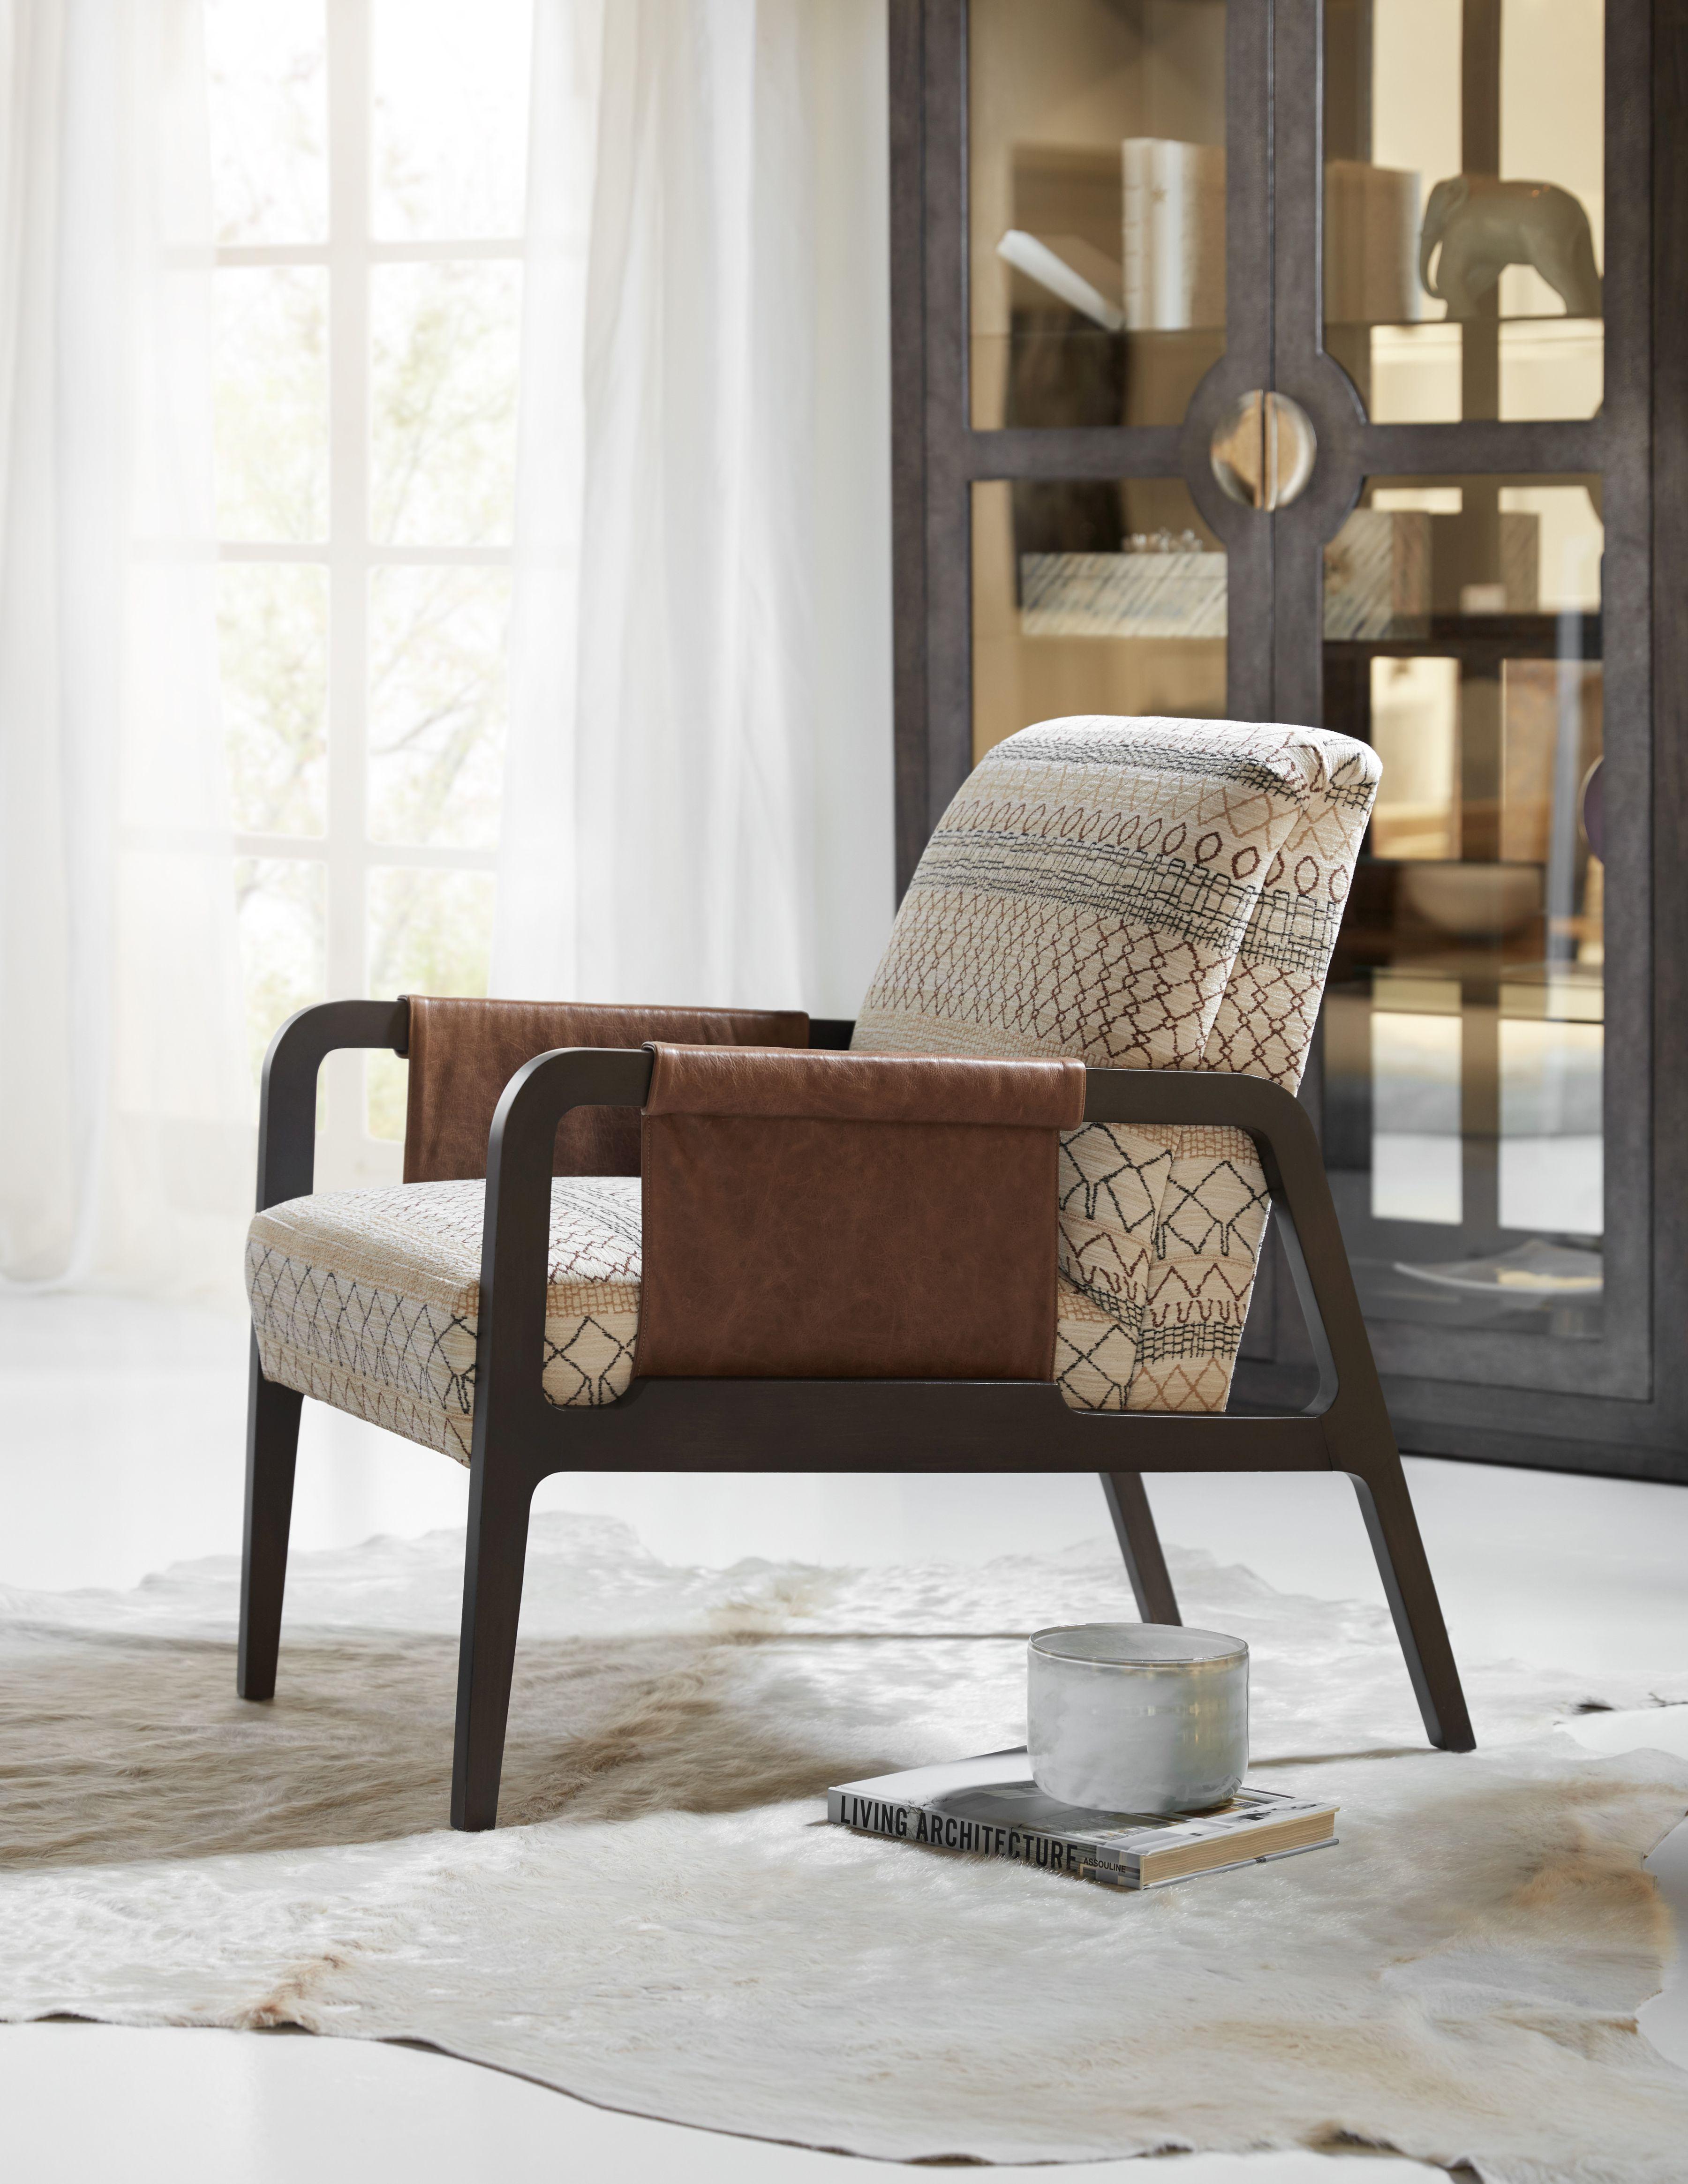 Sam Moore Arrow chair